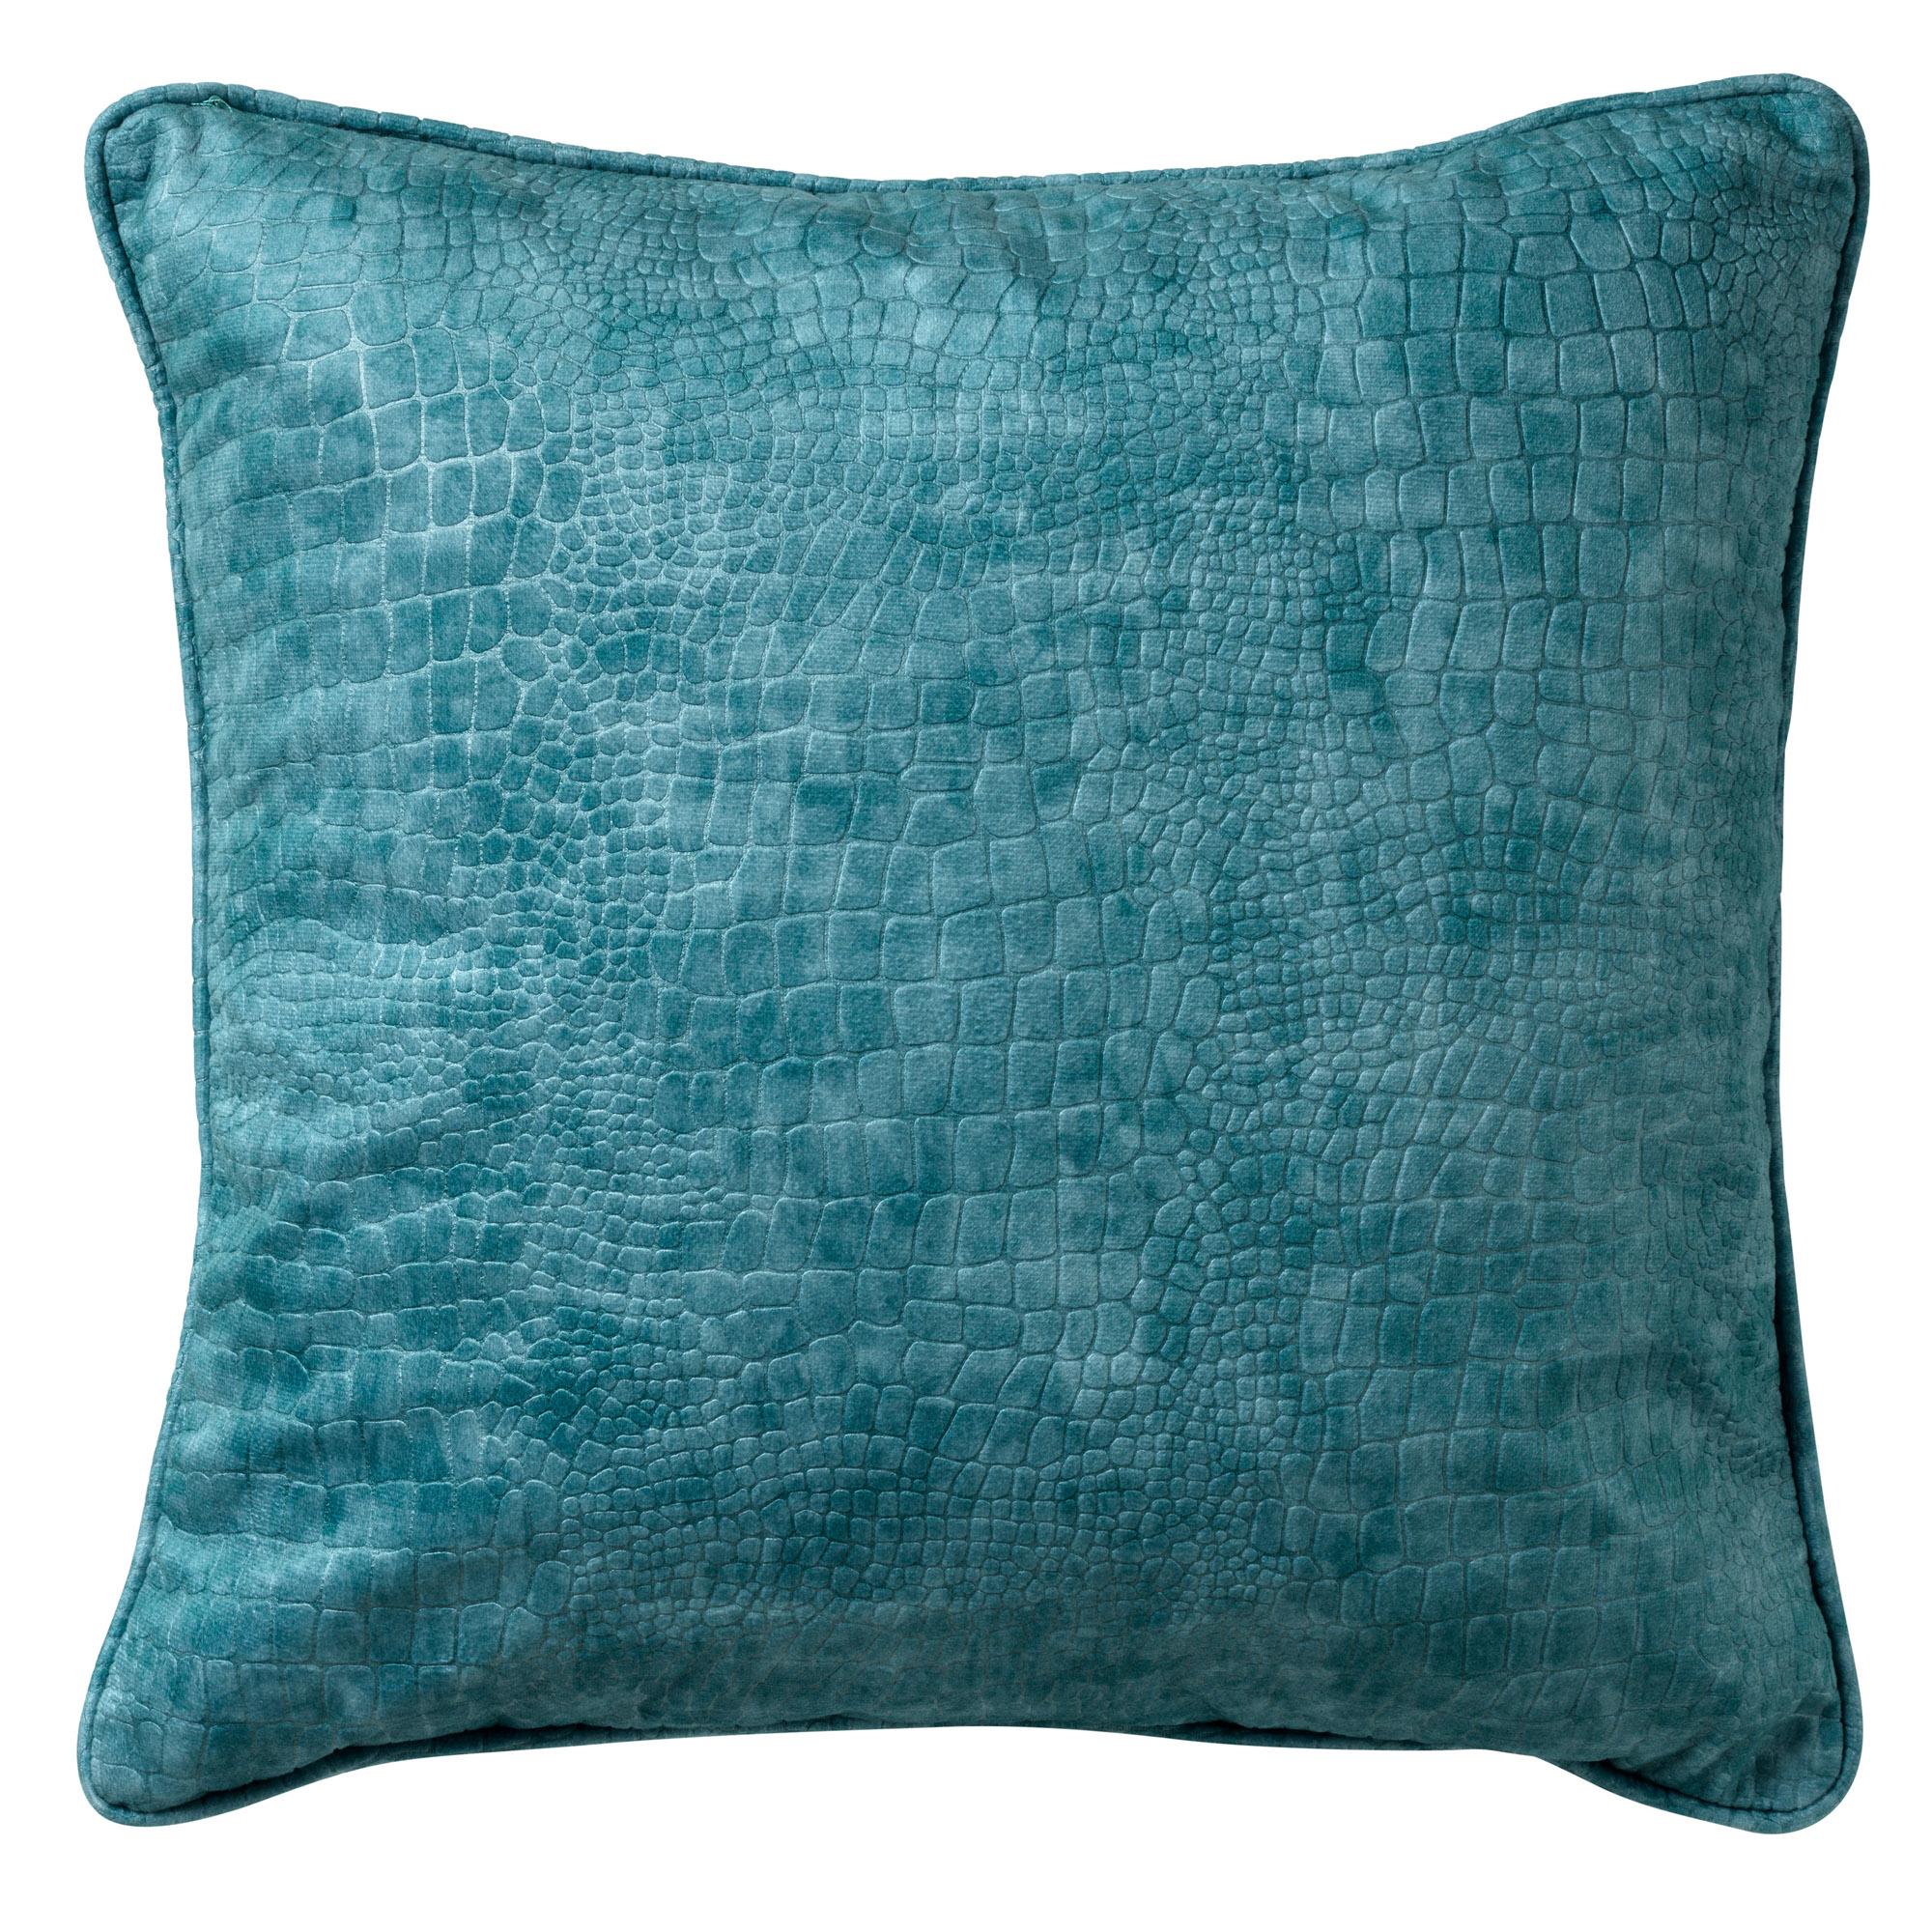 SAMMY - Sierkussen met patroon Nile Blue 45x45 cm